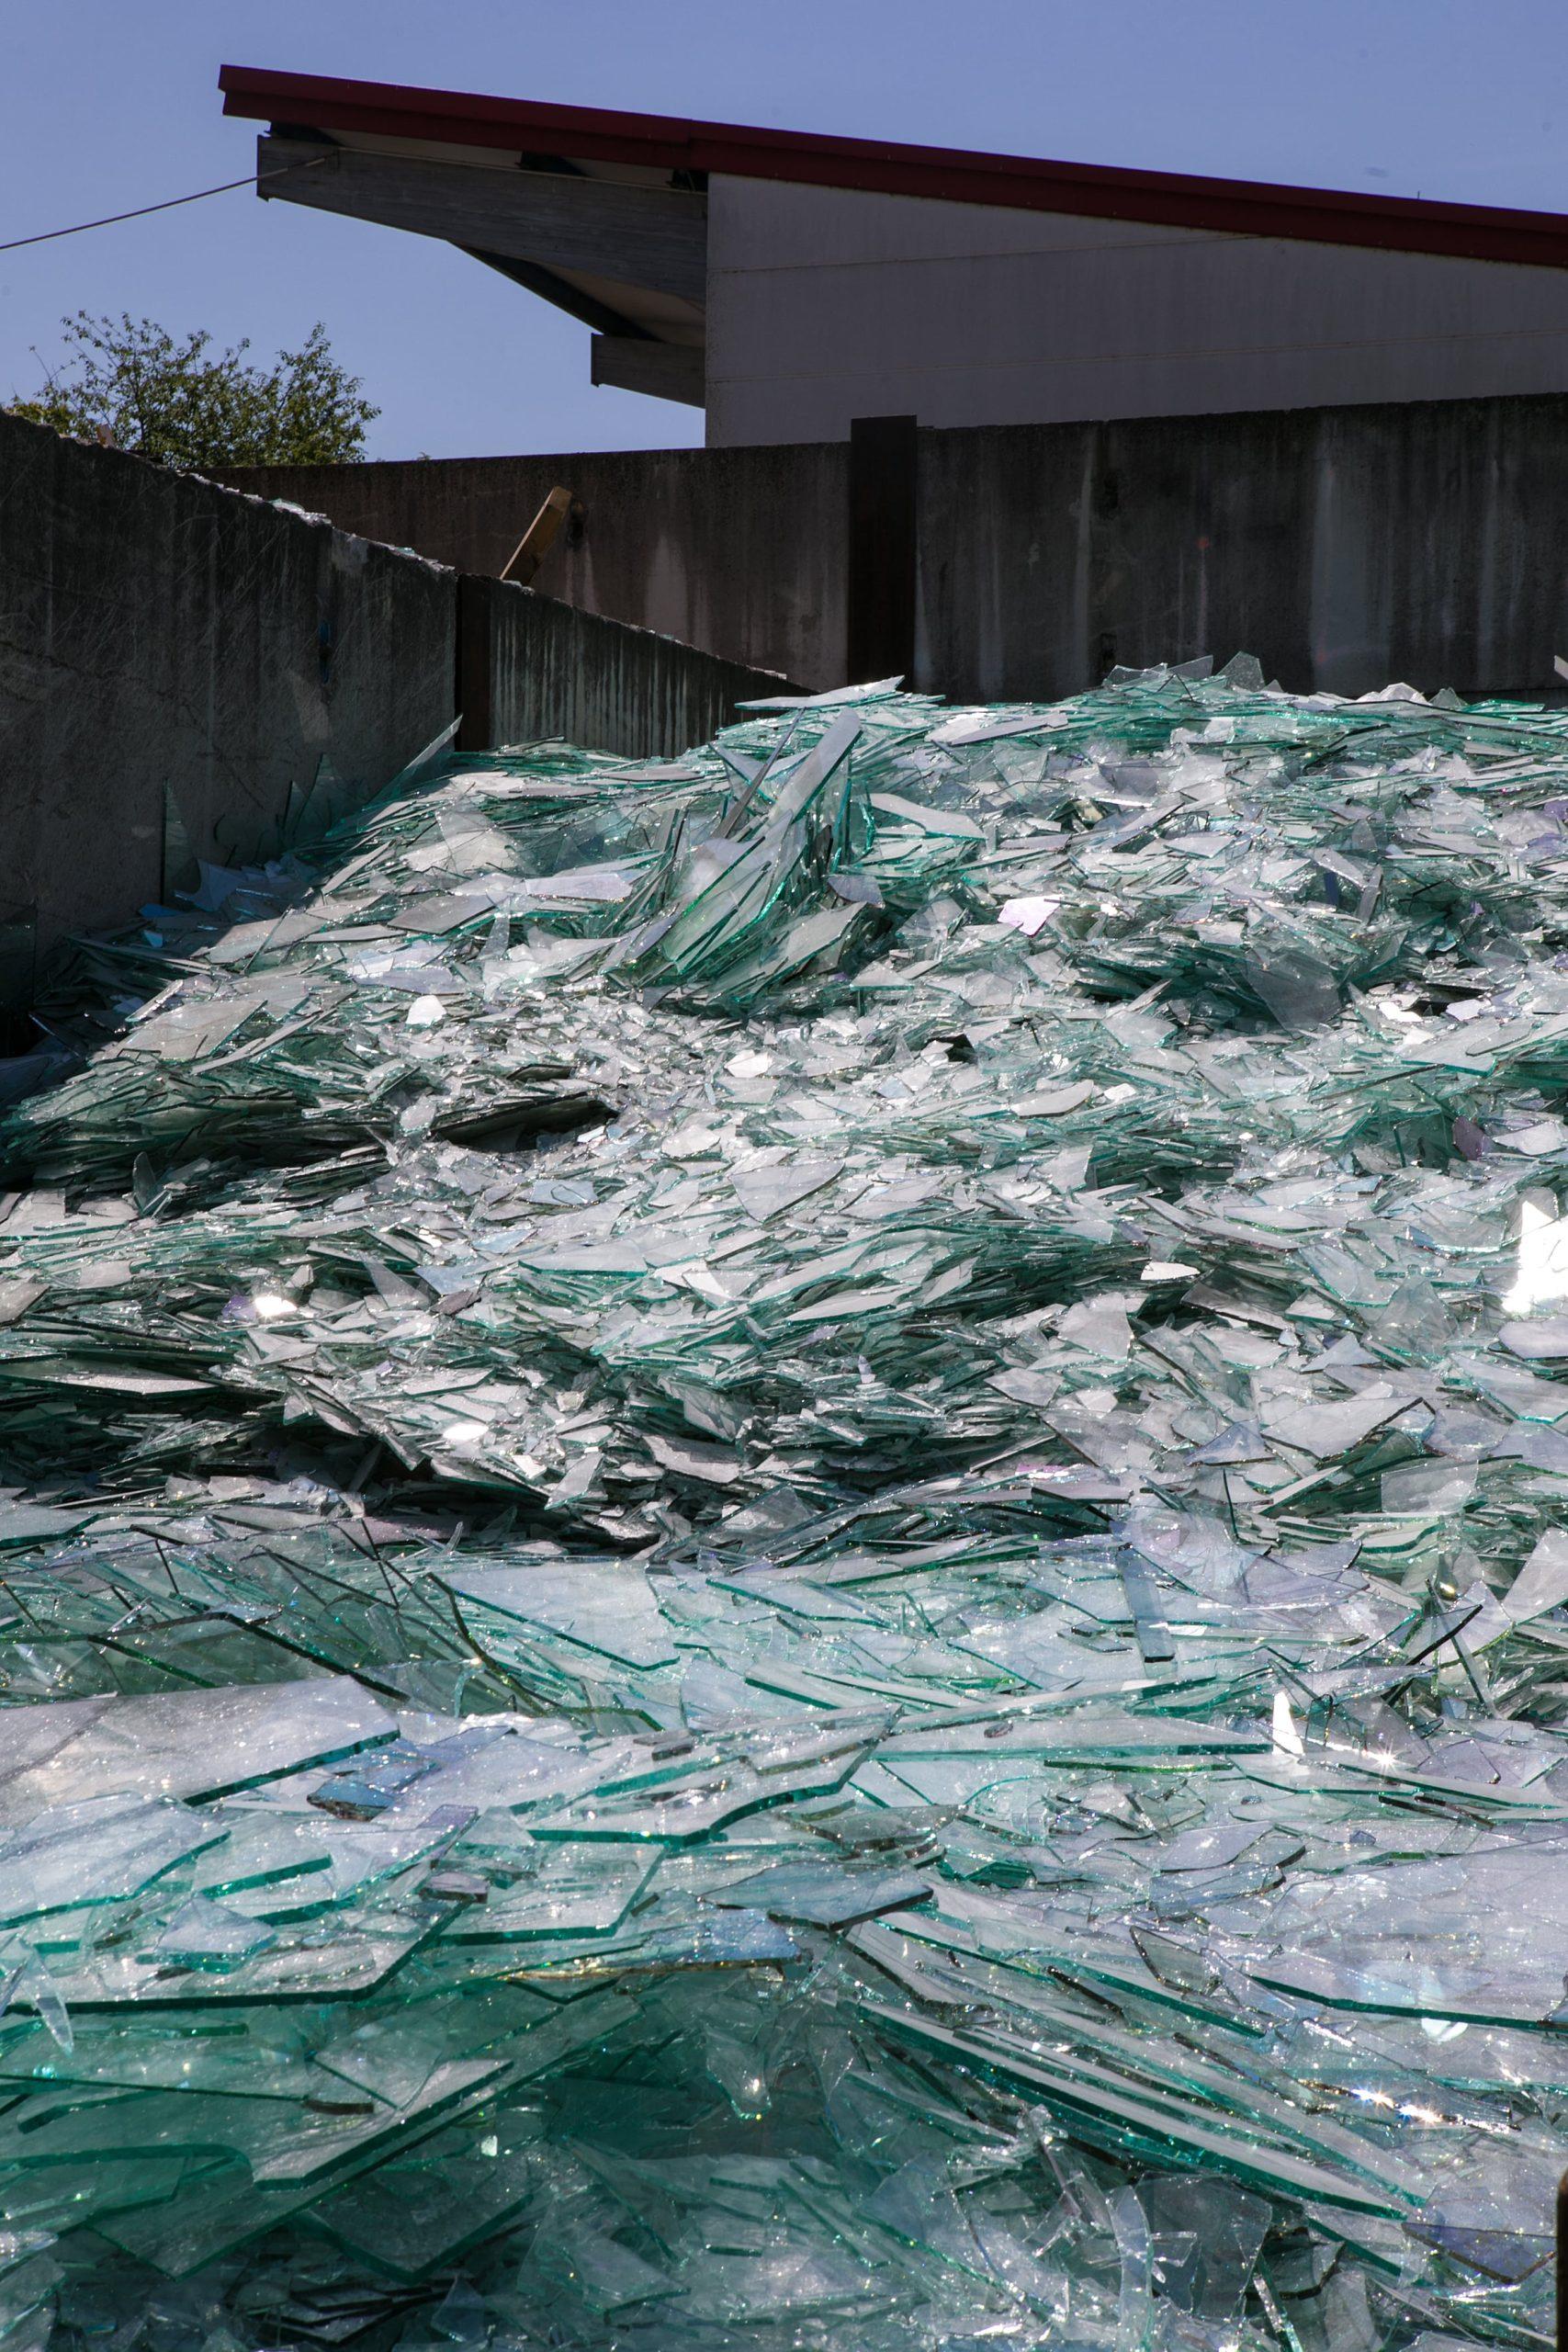 glas industrieentsorgung handel entsorgung gewerbe